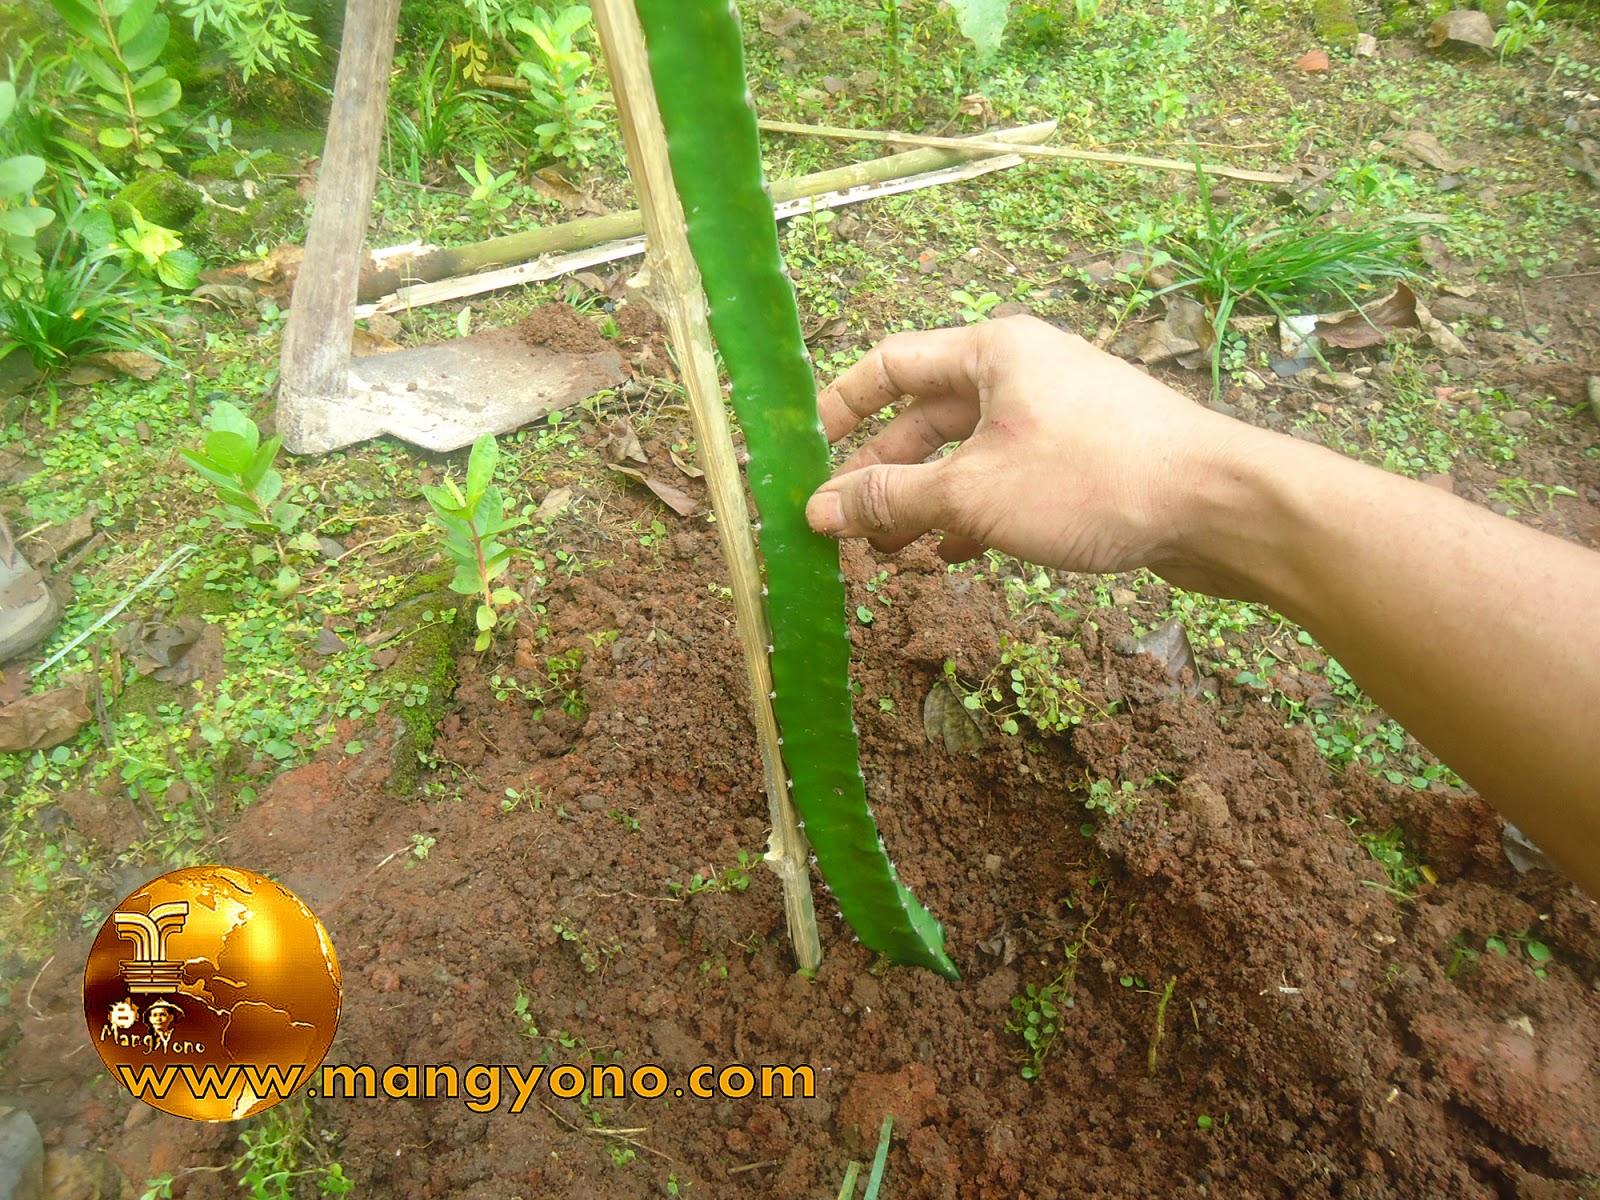 FOTO  3 : Melakukan penancapan stek pohon naga.